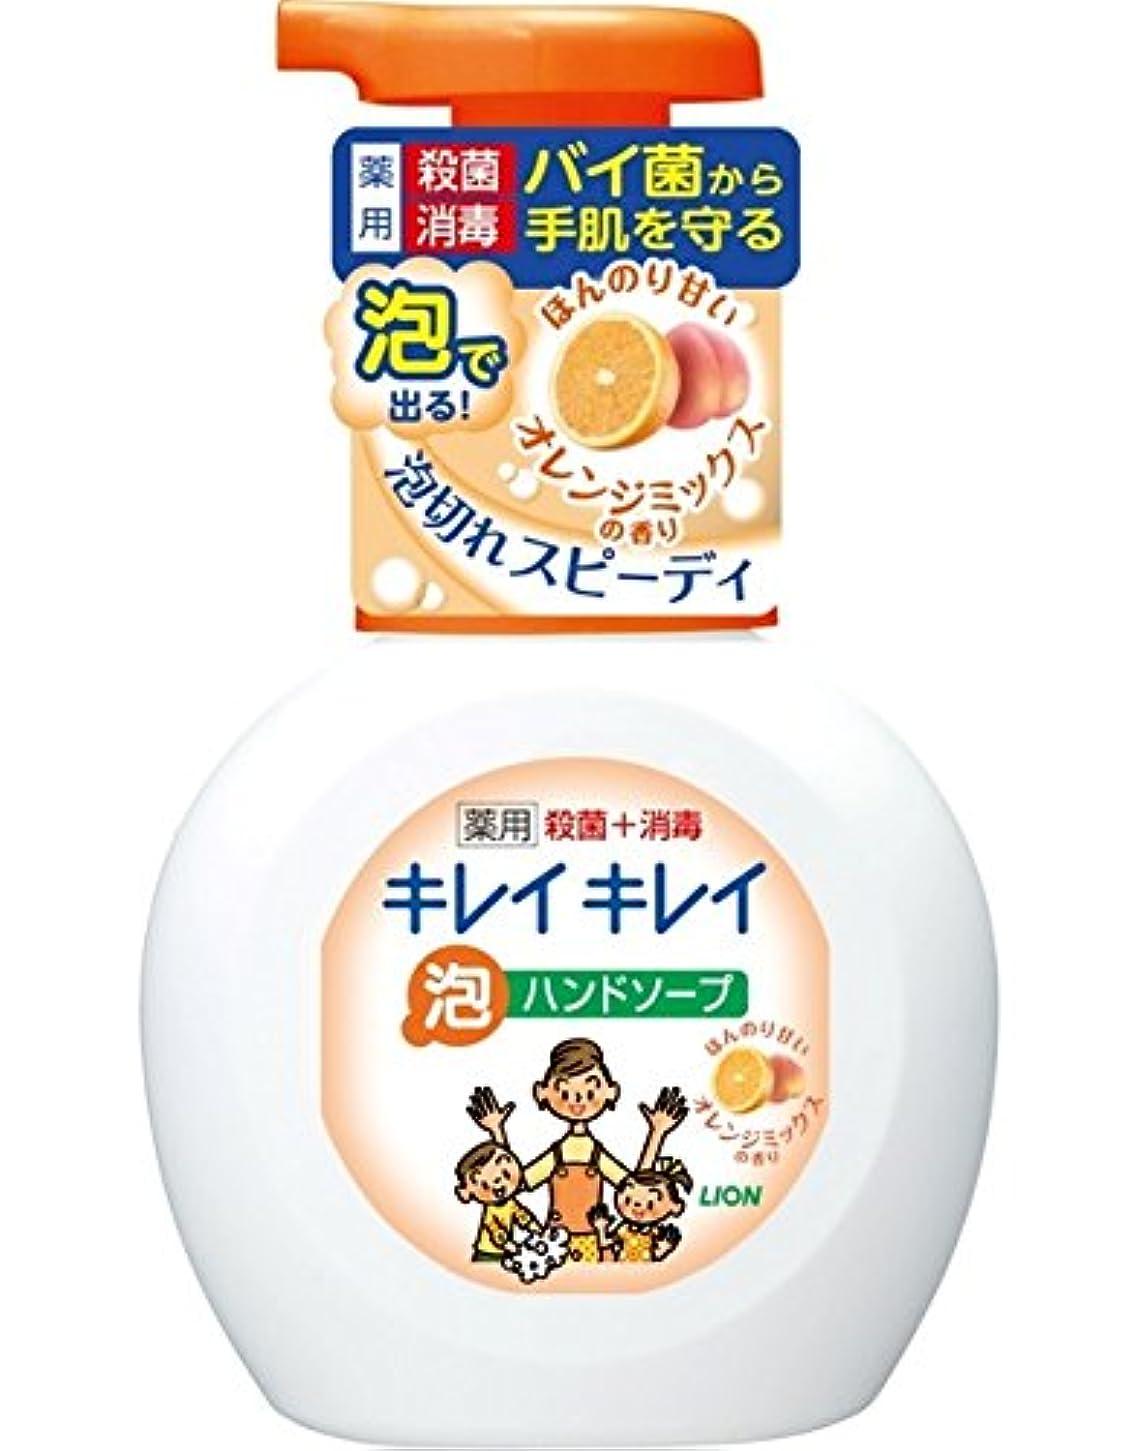 疑問を超えて収まるご予約キレイキレイ薬用泡ハンドソープオレンジミックスの香りポンプ250mL